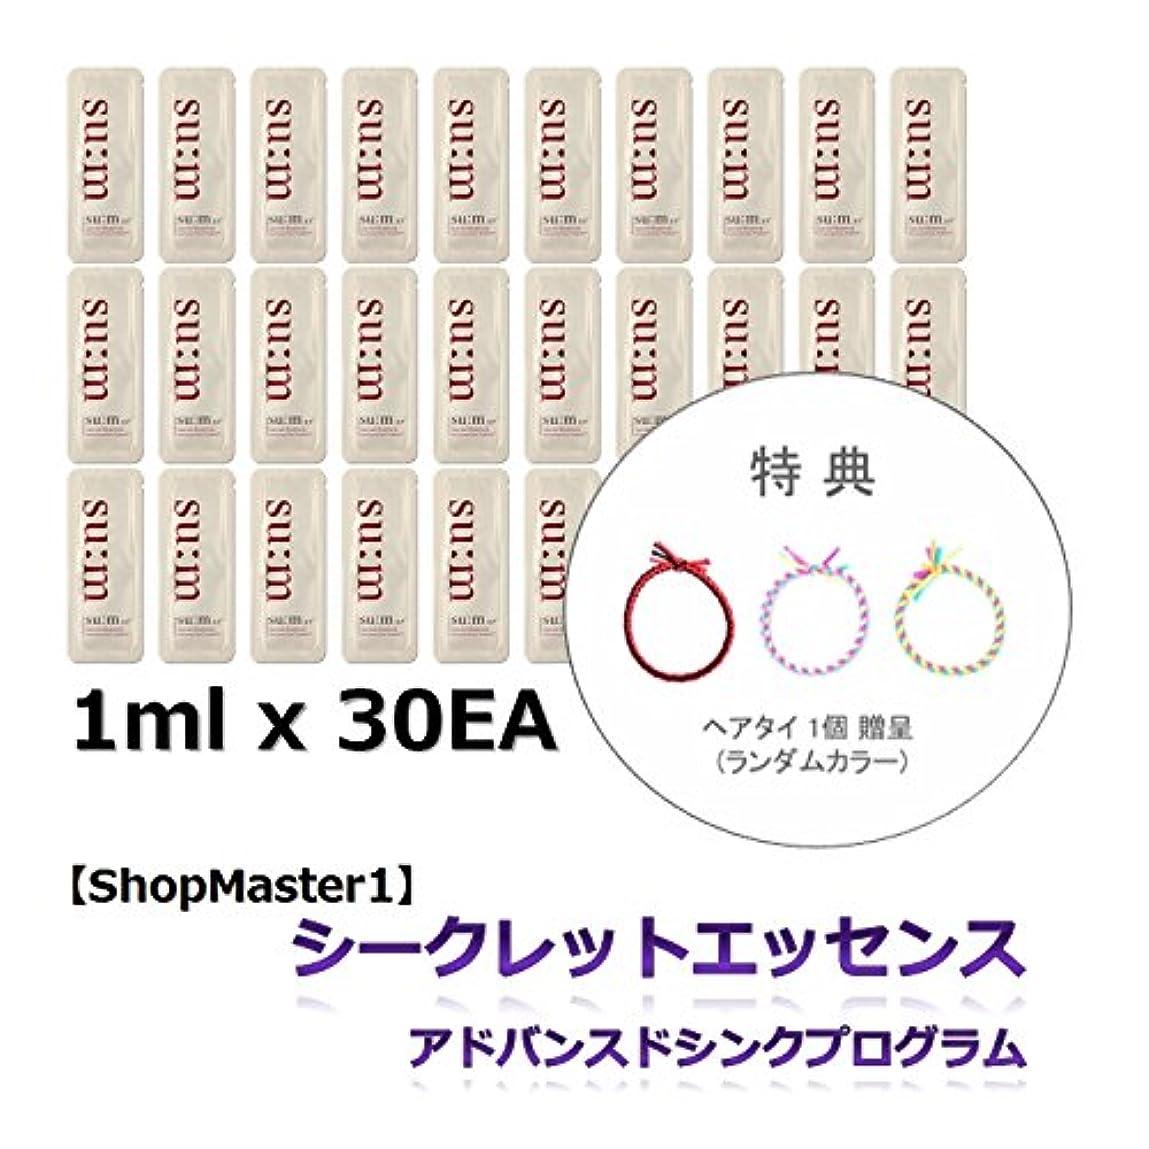 【スム37° su:m37°】シークレット アドバンスドシンクプログラム エッセンス トライアルキット / Secret Advanced Sync Program Essence Trial Kits / 特典 - ヘアタイ贈呈(ランダムカラー) (1ml x 30枚)